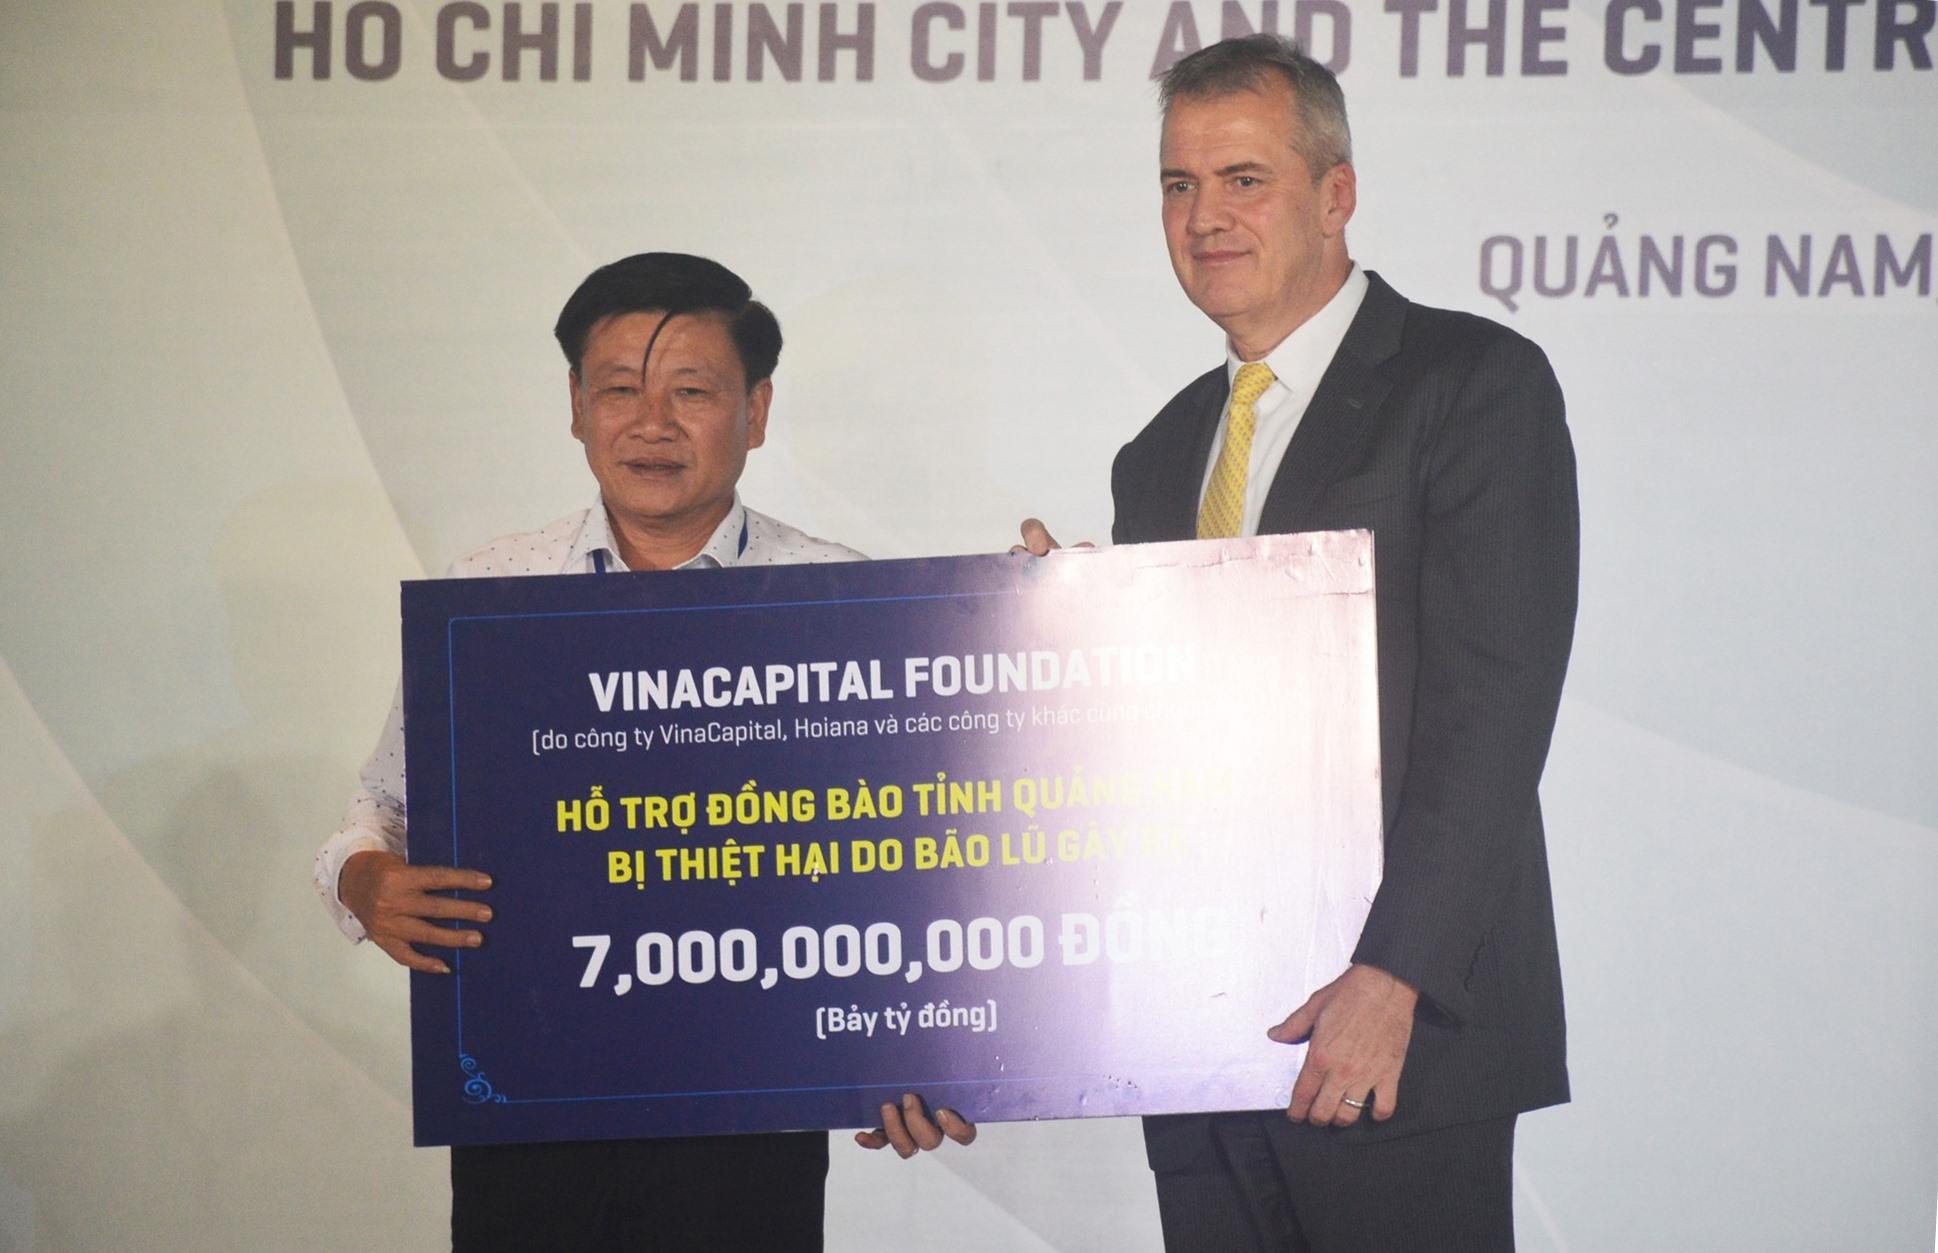 Tiếp nhận nguồn hỗ trợ 7 tỷ đồng từ VinaCapital Foundation. Ảnh: T.L